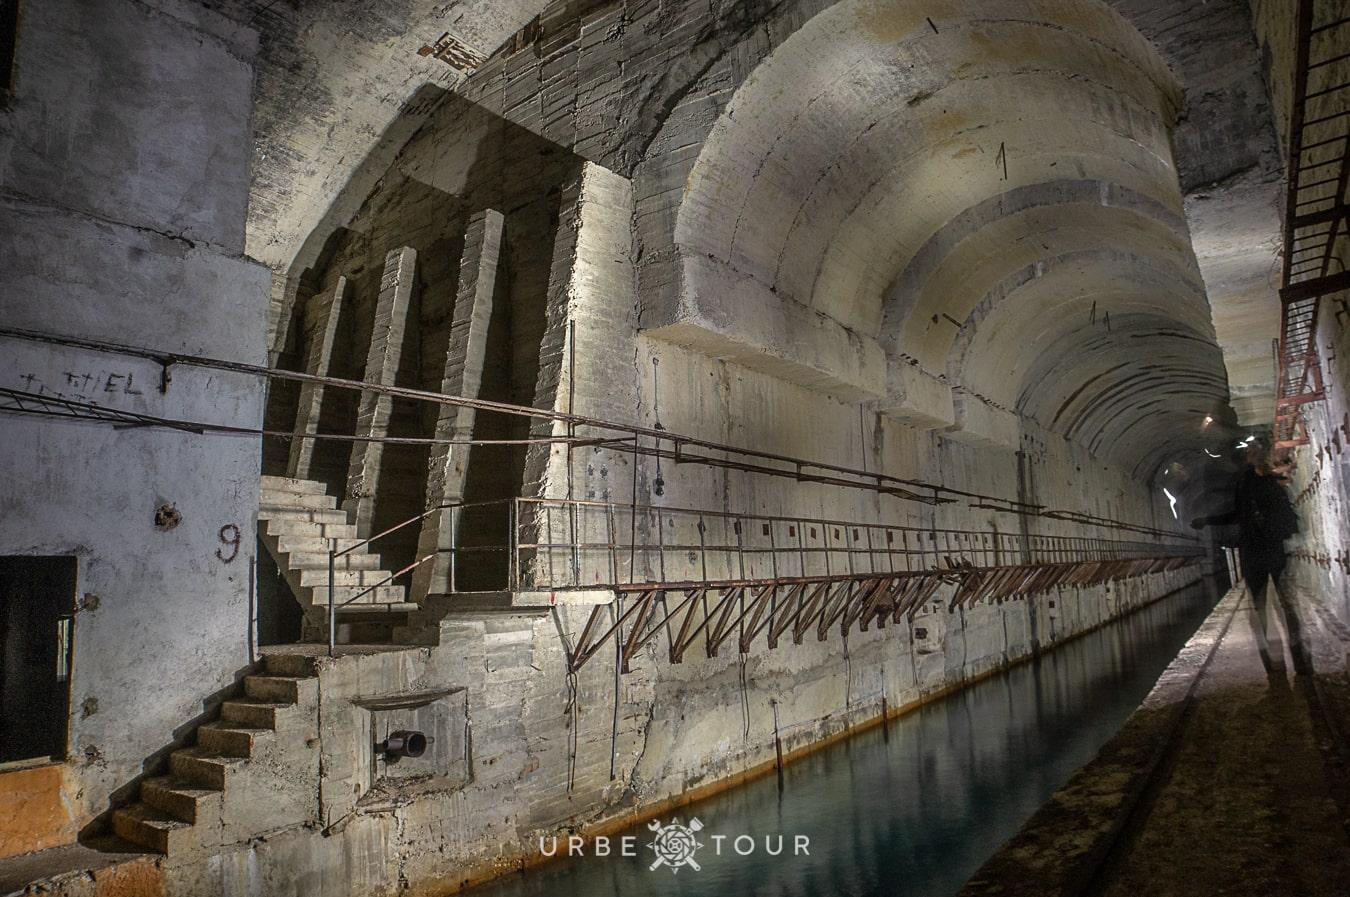 porto-palermo-submarine-base-albania-4-1 Подземная база для подводных лодок в Порто Палермо, Албания